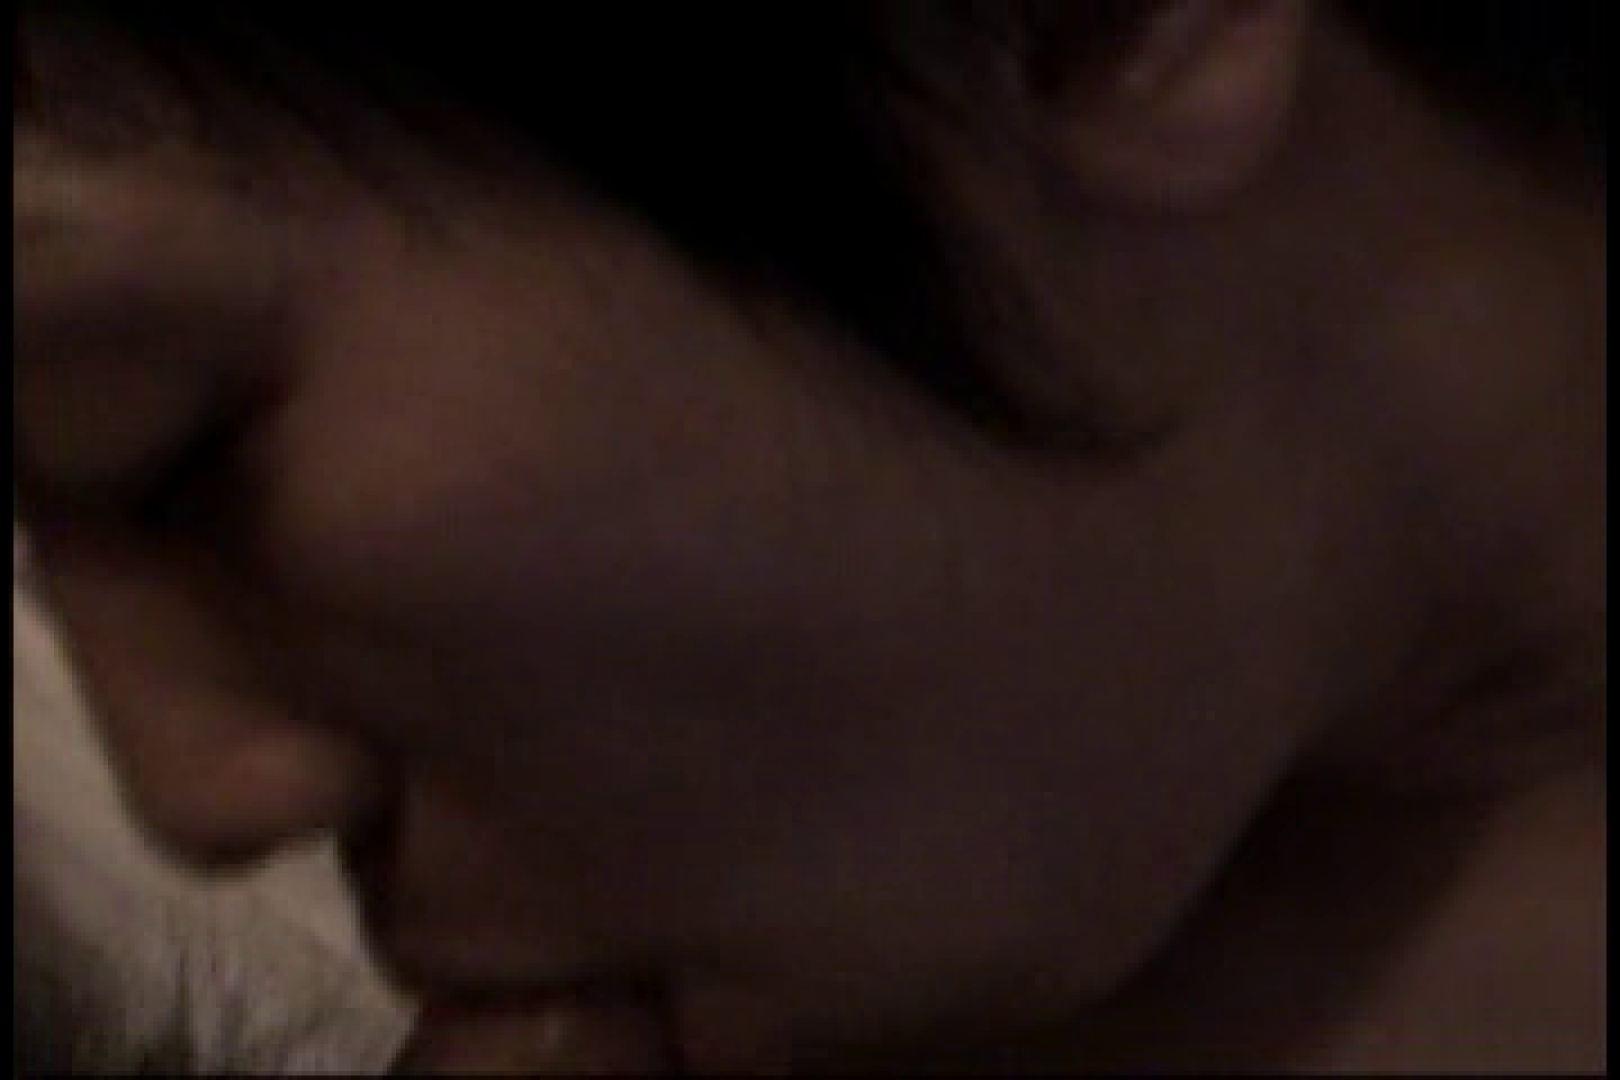 三ツ星シリーズ!!陰間茶屋独占!!第二弾!!イケメン羞恥心File.02 男まつり ゲイセックス画像 112枚 7